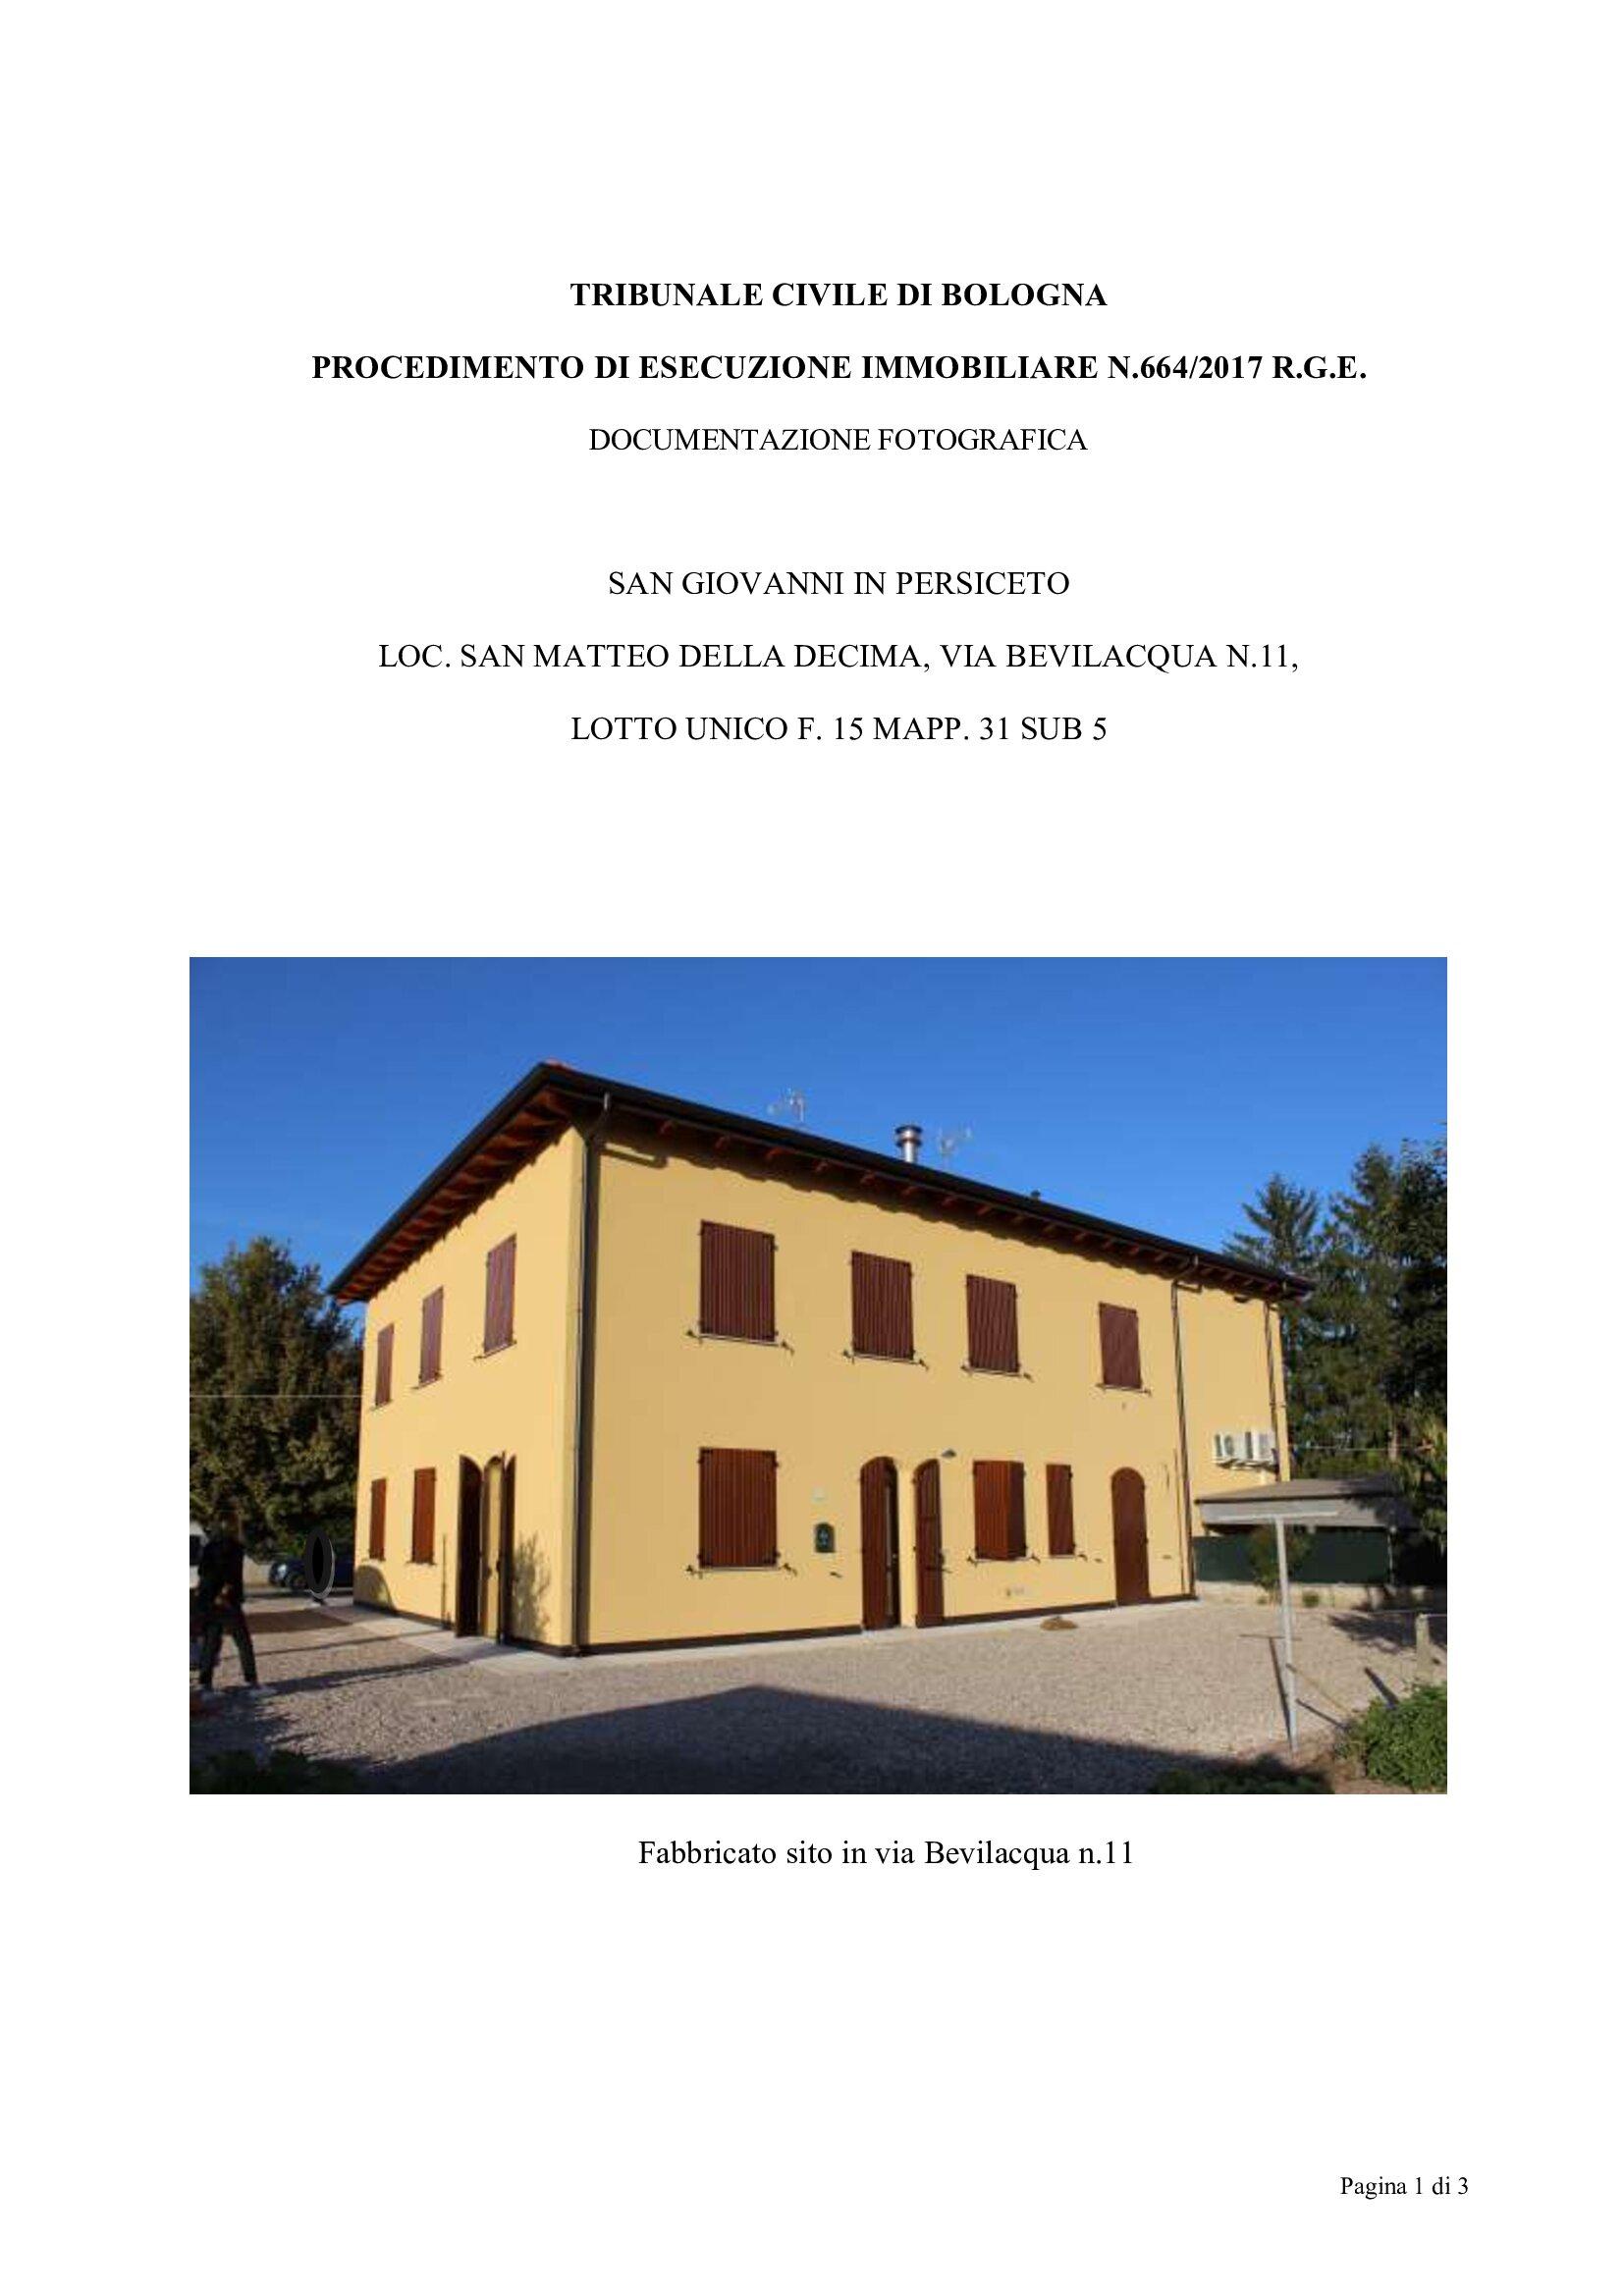 Appartamento, via bevilacqua, Vendita - San Giovanni In Persiceto